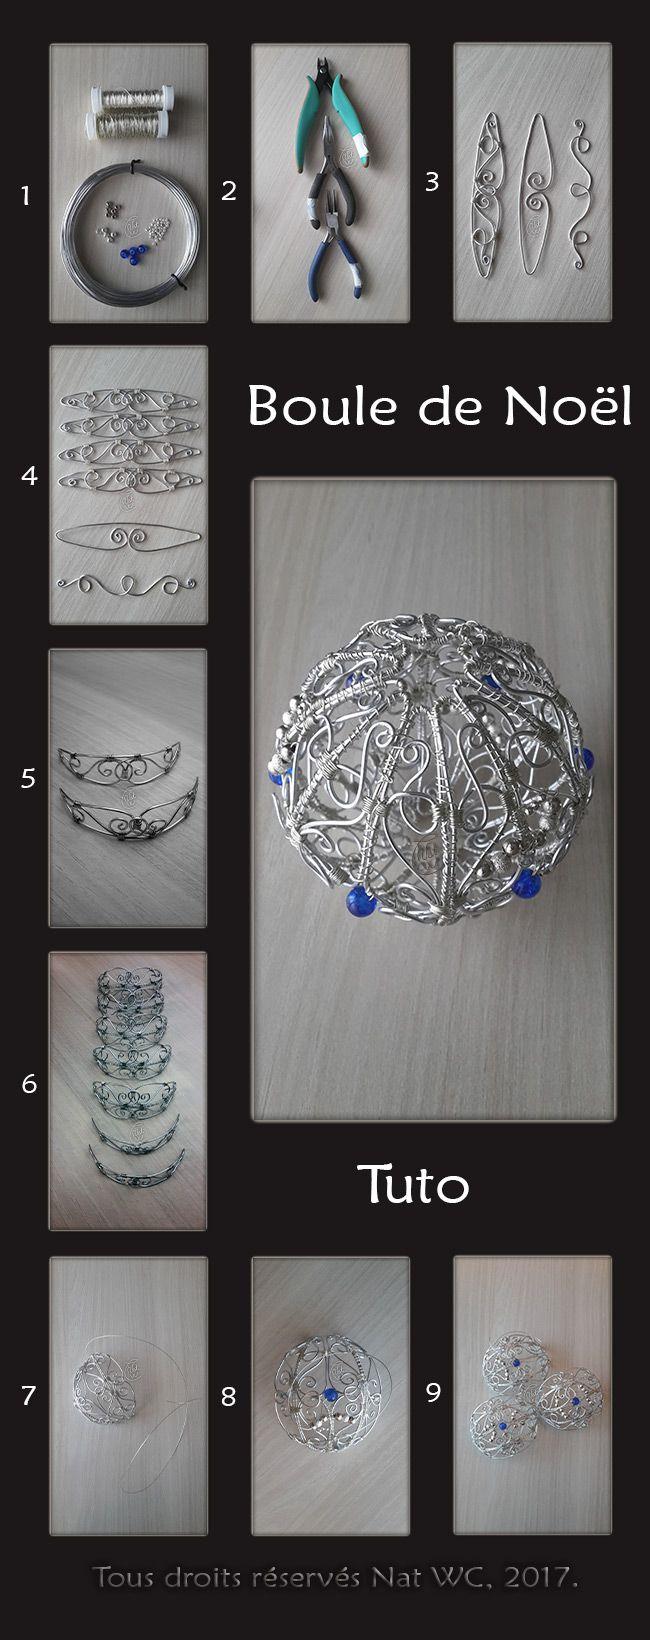 Tutoriel (Tuto) pour la réalisation de la Boule de Noël « L'incroyable » - Réalisation [ Fait-Main ] avec du fil d'aluminium (Ø1), des fils métalliques (Ø0,3), des perles métalliques et des perles de verre. / Matériaux utilisés : fils d'aluminium (3/2/0,8), fil métallique  (0,3mm), perles en verre, perles de rocaille. Conception et réalisation en suivant les traits sur mon gabarit papier. Assemblage élément par élément.  Ref. : Tuto_Boule-de-Noel. #bouledenoel